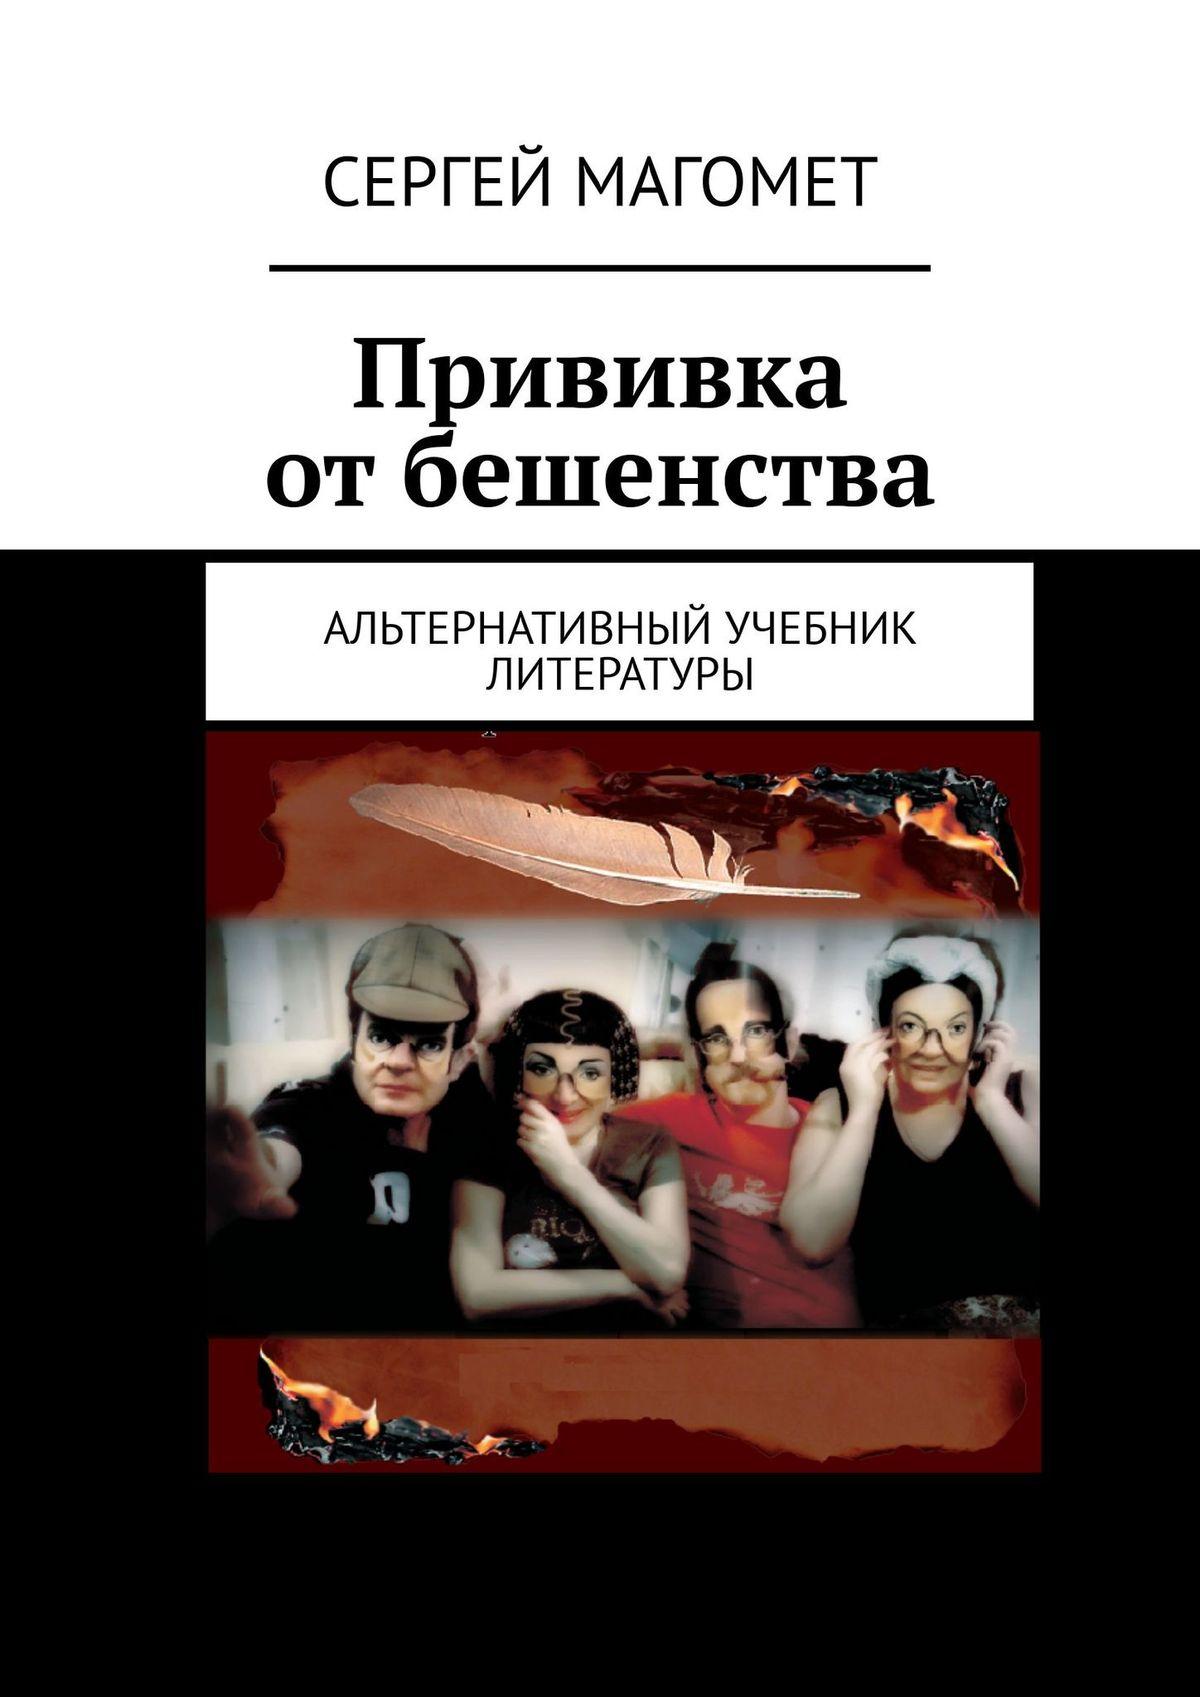 Сергей Магомет Прививка отбешенства нобивак от бешенства отзывы